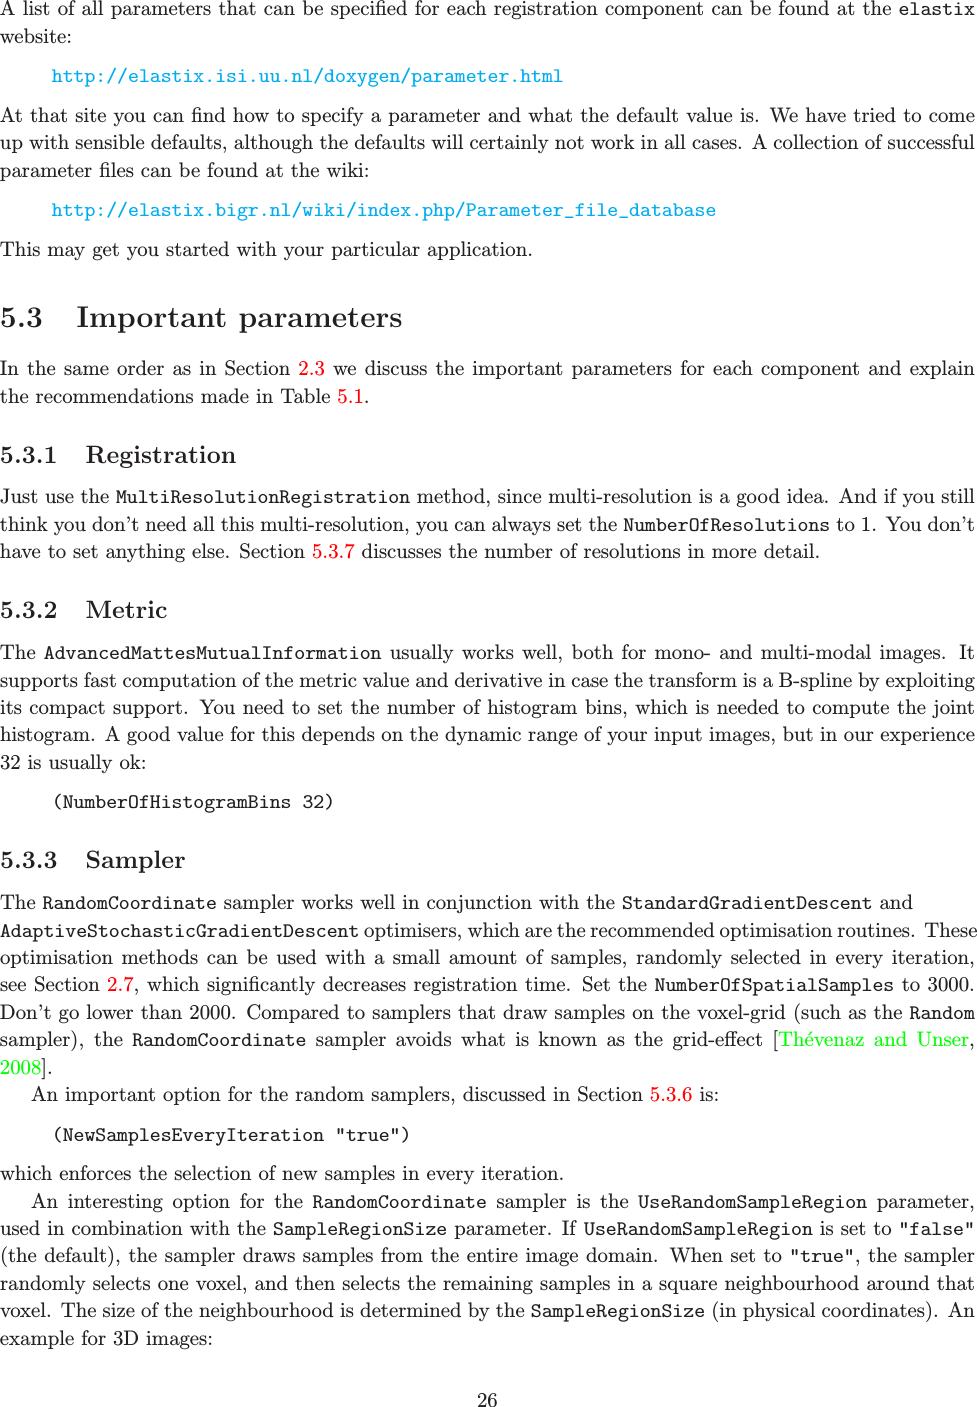 Elastix, The Manual Elastix V4 7